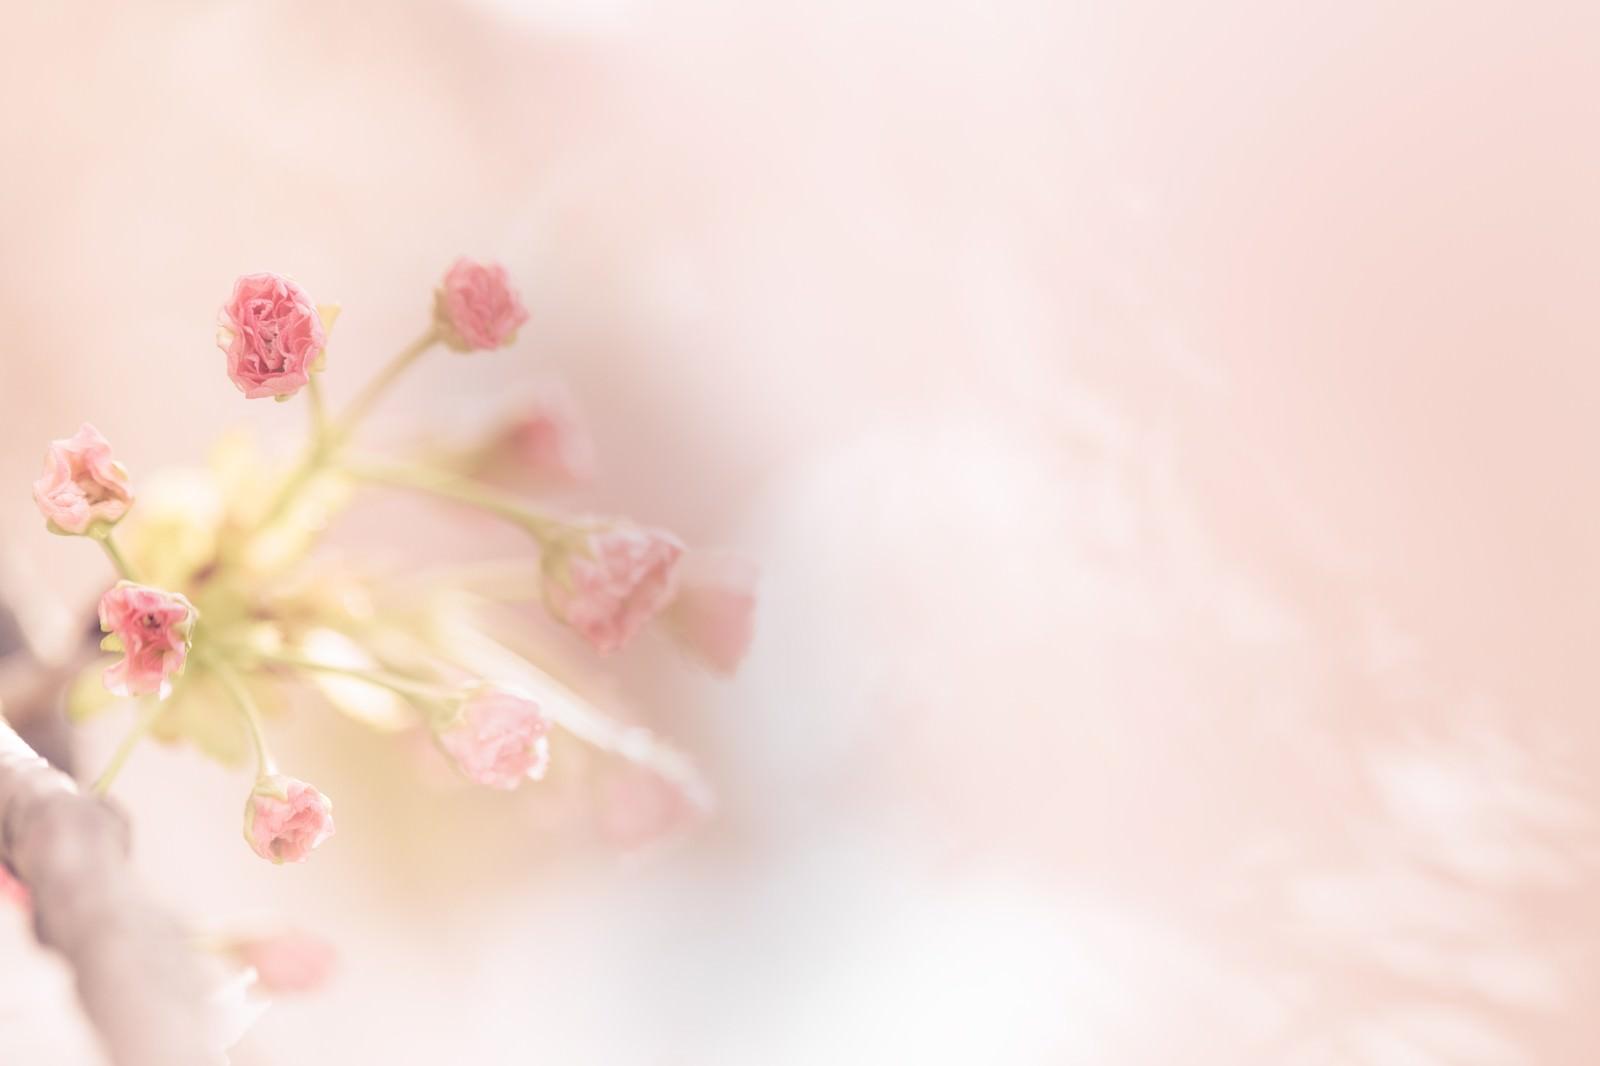 「春到来-桜のつぼみから花が咲く-」の写真